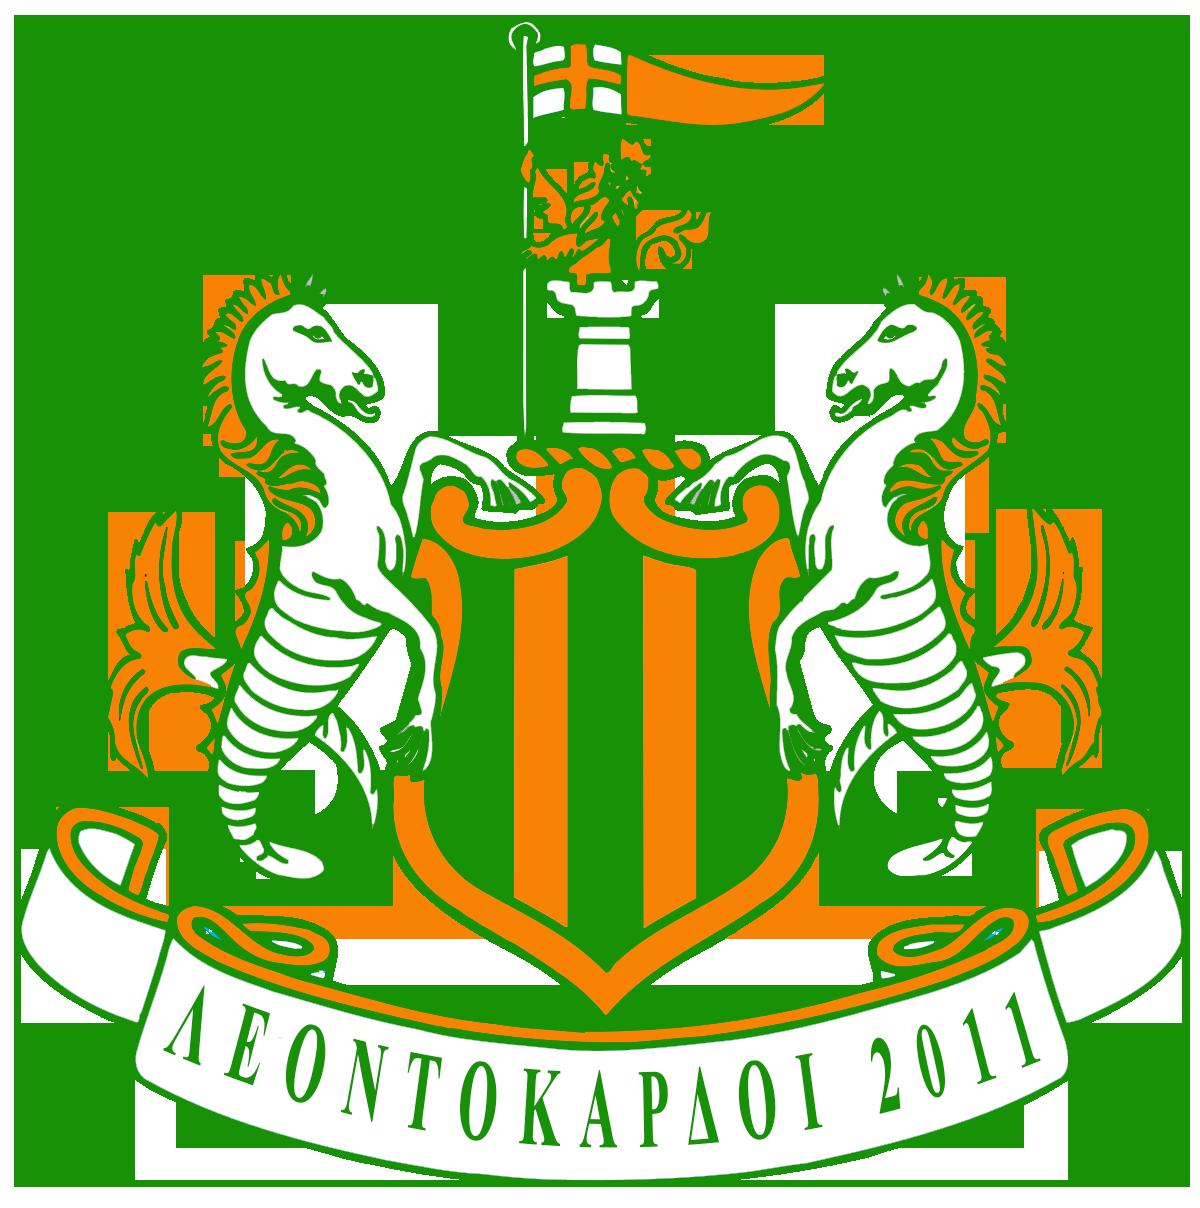 ΛΕΟΝΤΟΚΑΡΔΟΙ 2011